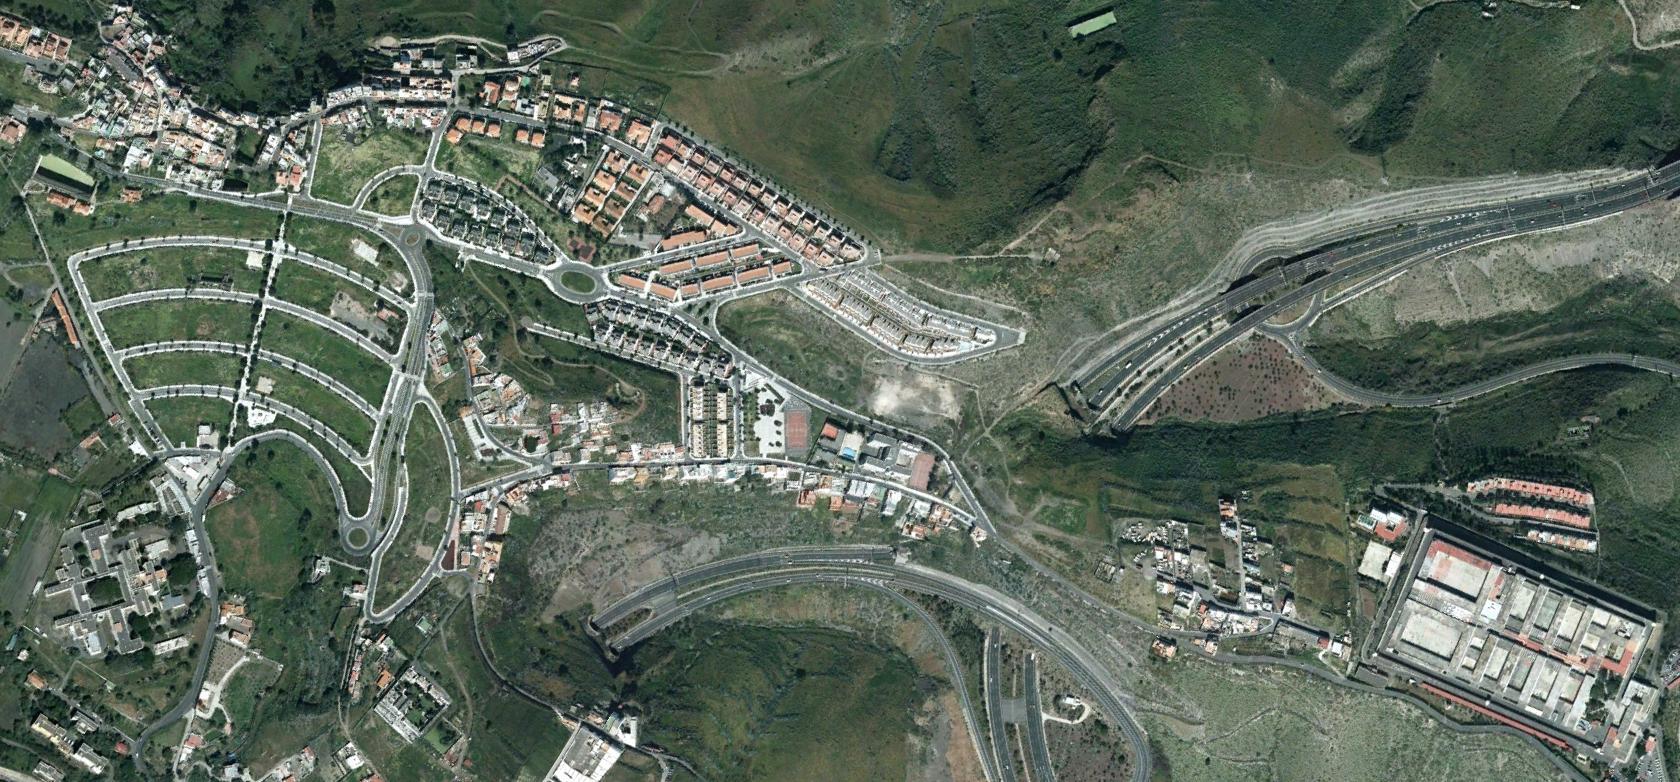 la montañeta, gran canaria, las palmas, la terreta, después, urbanismo, planeamiento, urbano, desastre, urbanístico, construcción, rotondas, carretera